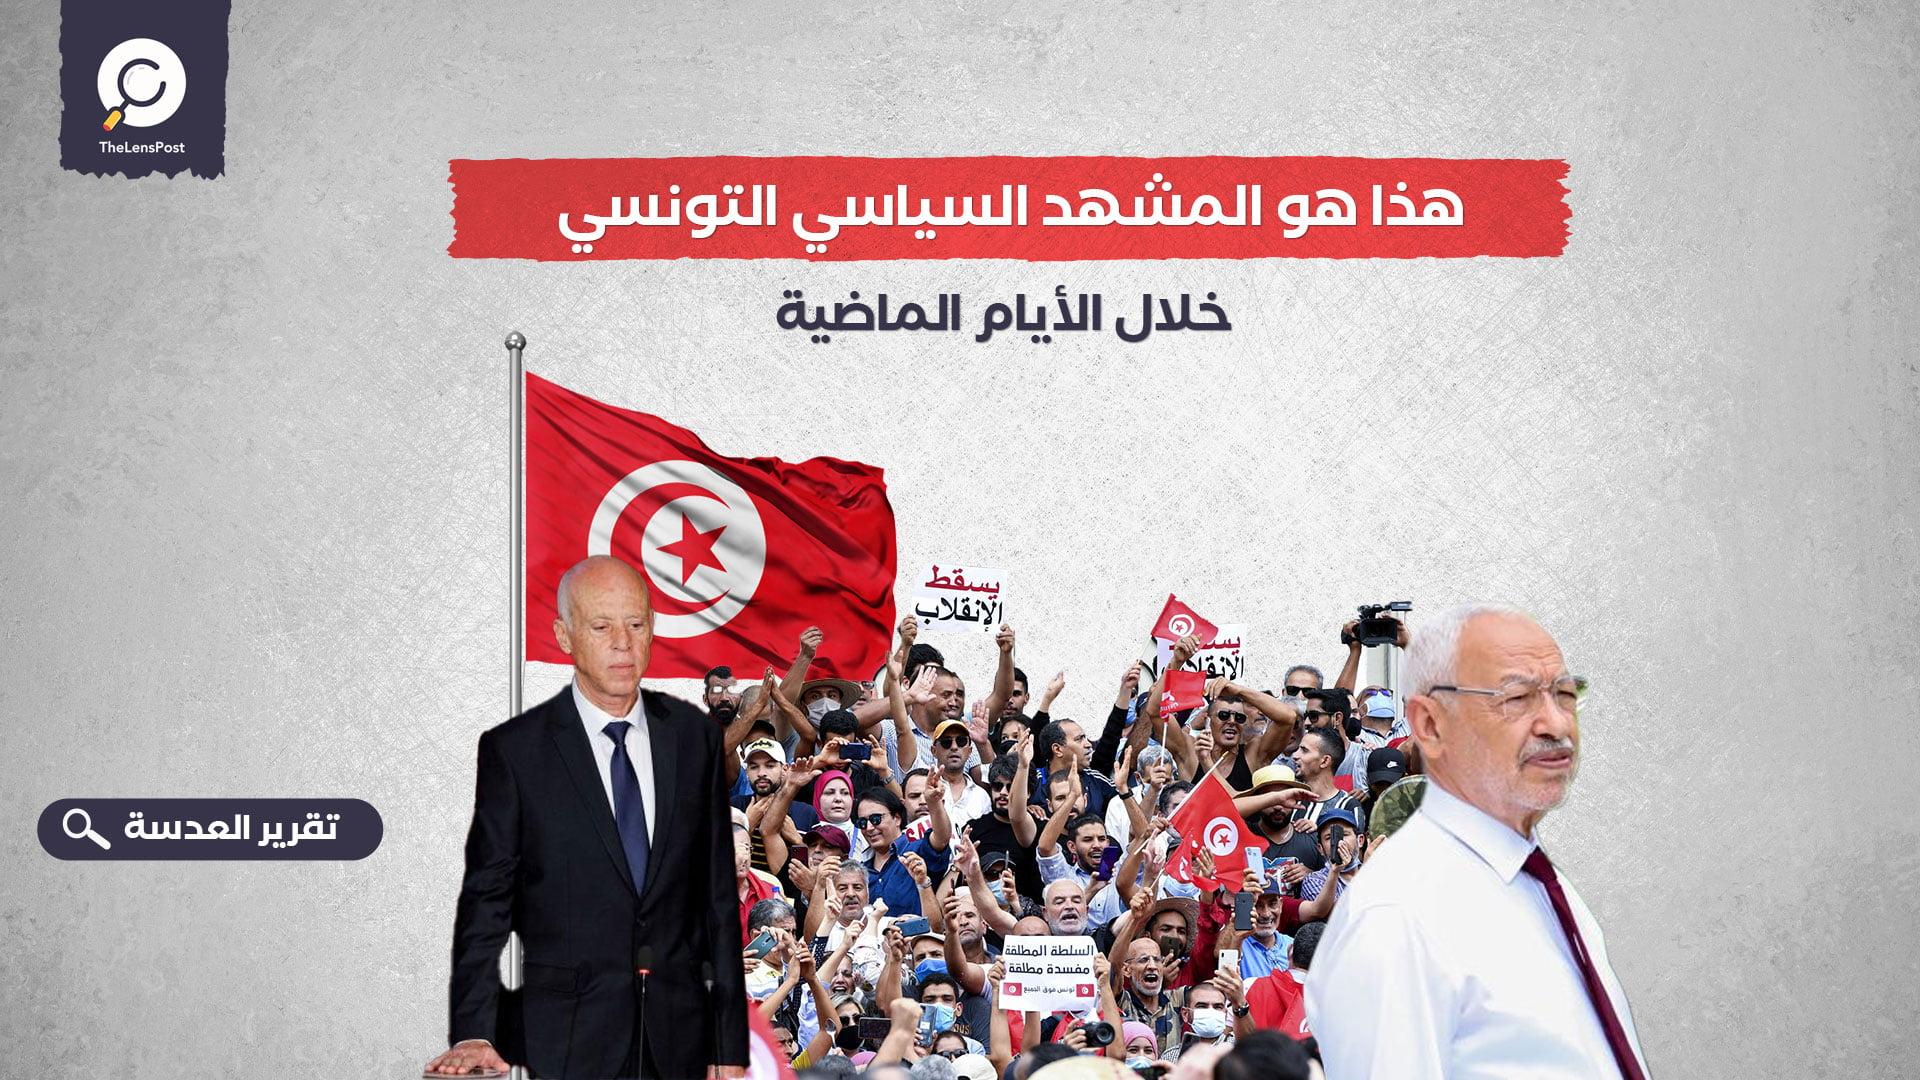 هذا هو المشهد السياسي التونسي خلال الأيام الماضية